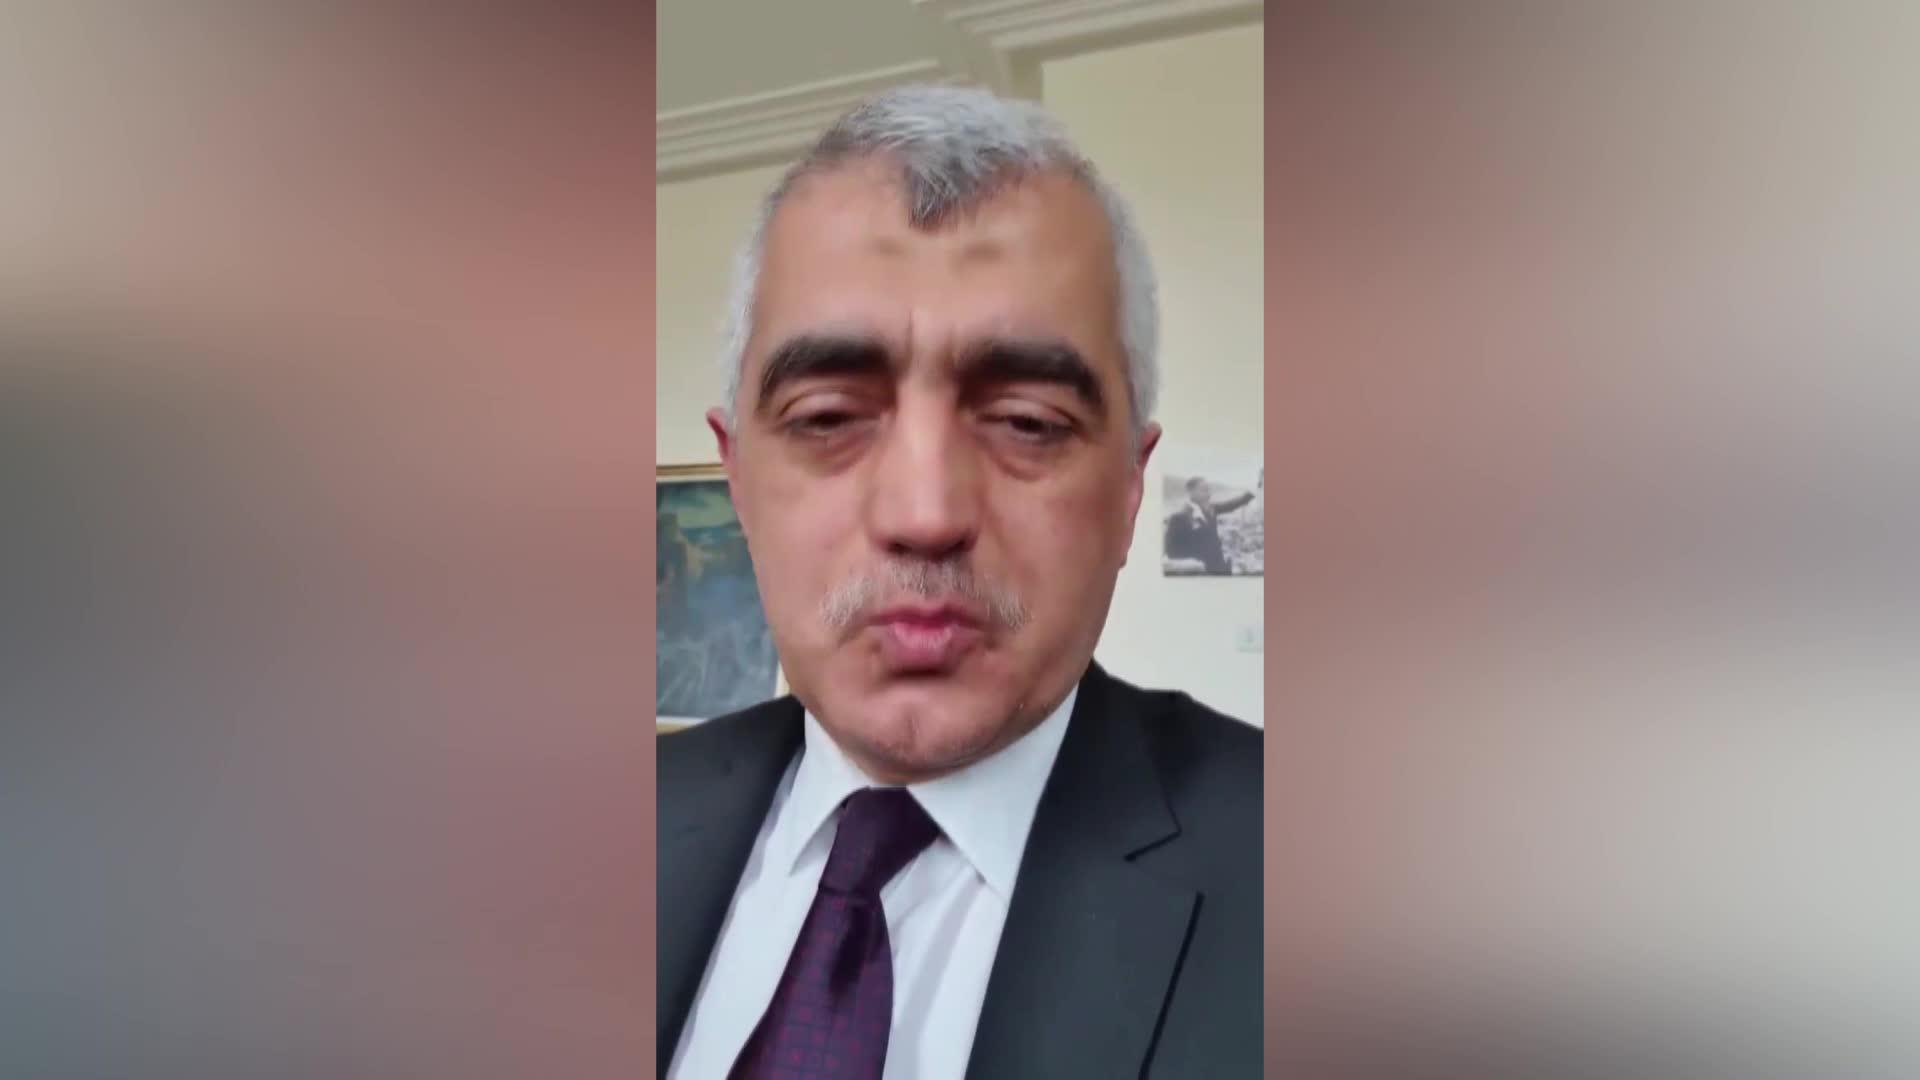 Milletvekilliği düşürülen HDP'li Gergerlioğlu Meclis'ten bu görüntüleri paylaştı